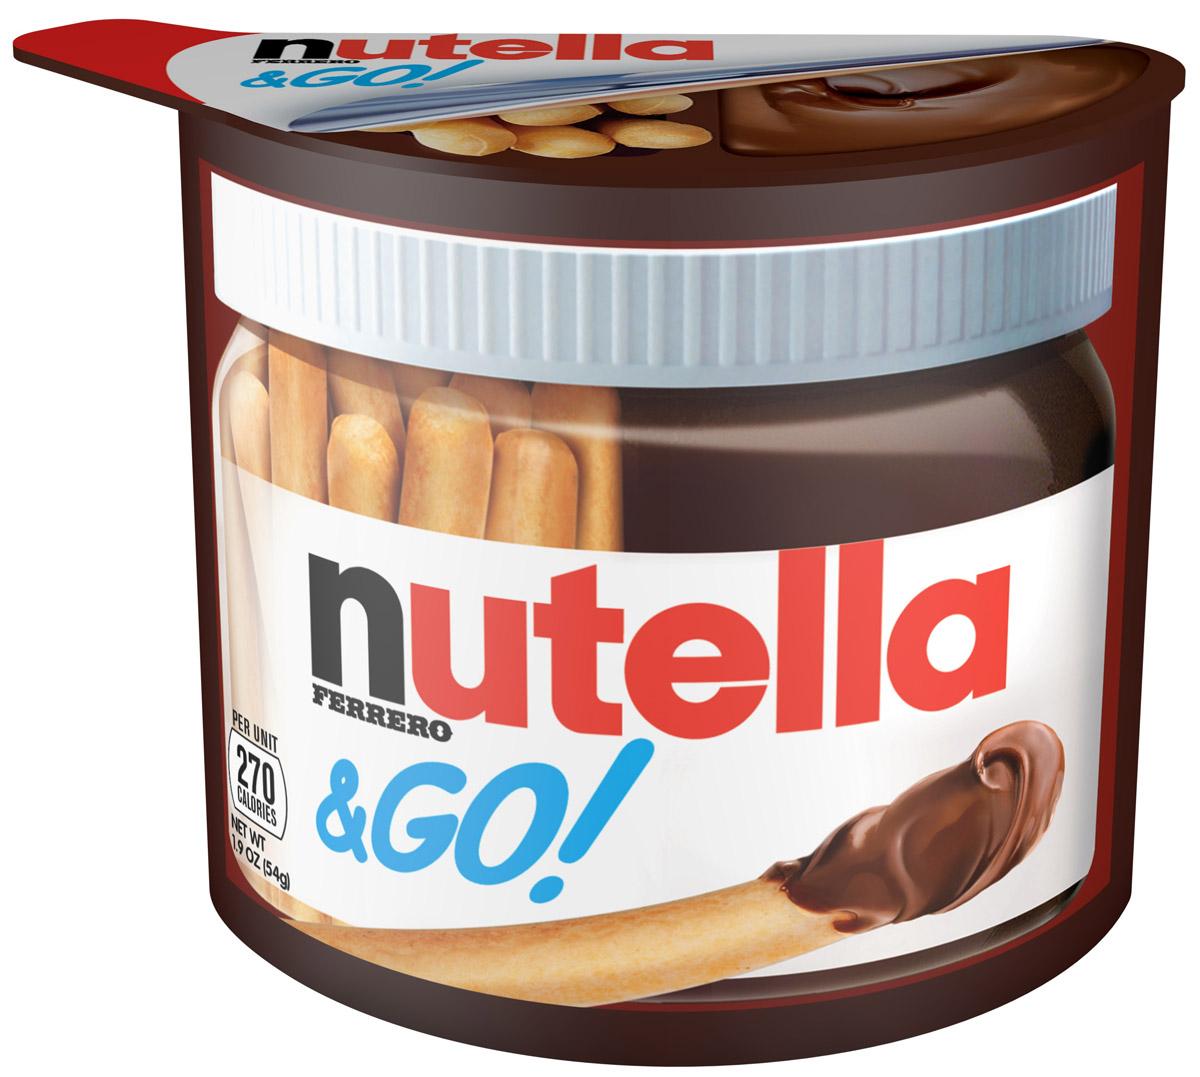 Nutella&Go: набор из хлебных палочек и пасты ореховой Nutella с добавлением какао, 52 г80050100Nutella обладает неповторимым вкусом лесных орехов и какао, а ее нежная кремовая текстура делает вкус еще интенсивнее. Секрет уникального вкуса в особенном рецепте, отборных ингредиентах и тщательном приготовлении. При производстве Nutella не используются консерванты и красители. Сегодня Nutella является одной из самых узнаваемых и любимых марок в мире, продуктом, продажи которого составляют треть годового оборота компании Ferrero. Хороший день начинается с Nutella!